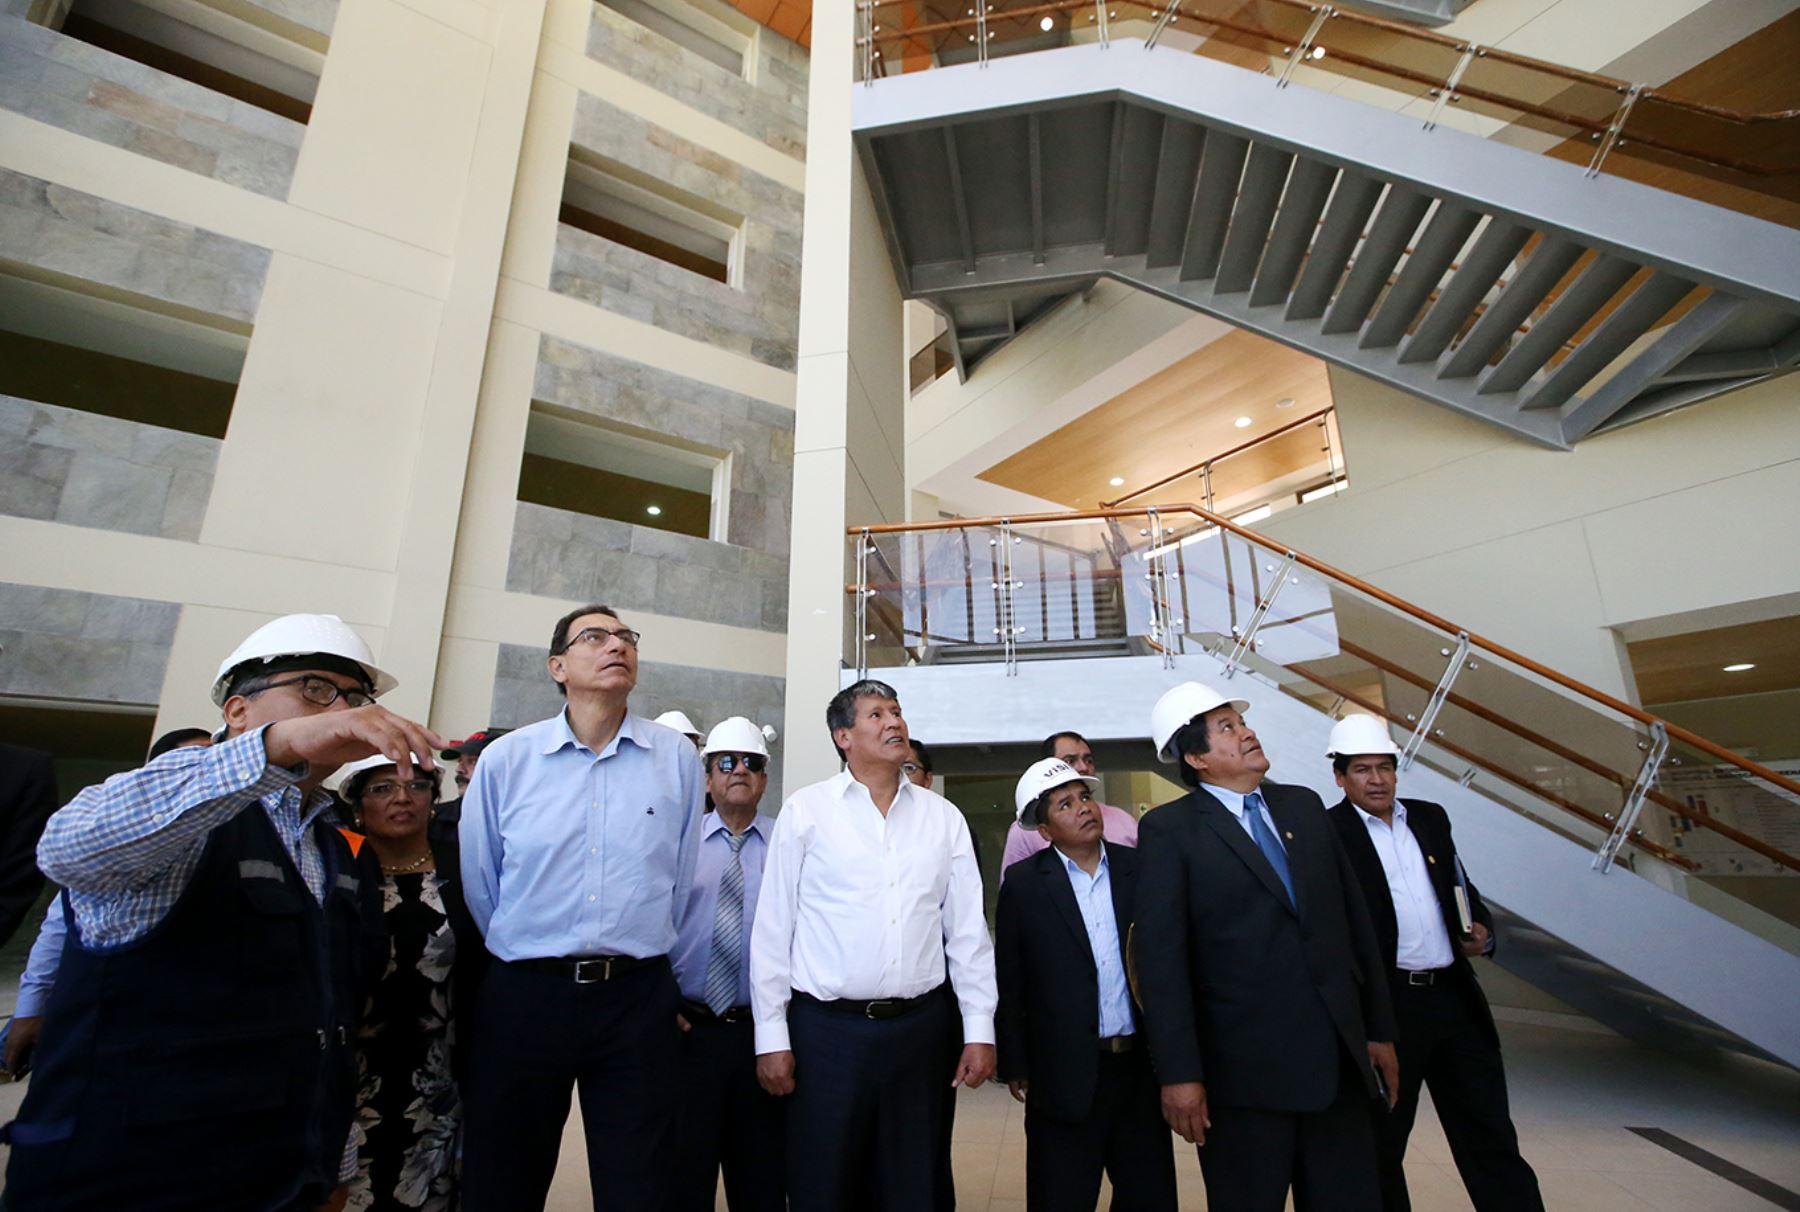 Vicepresidente, Martin Vizcarra visita las instalaciones del nuevo Hospital Regional Mariscal Llerena  de Ayacucho. Foto: ANDINA/Melina Mejía